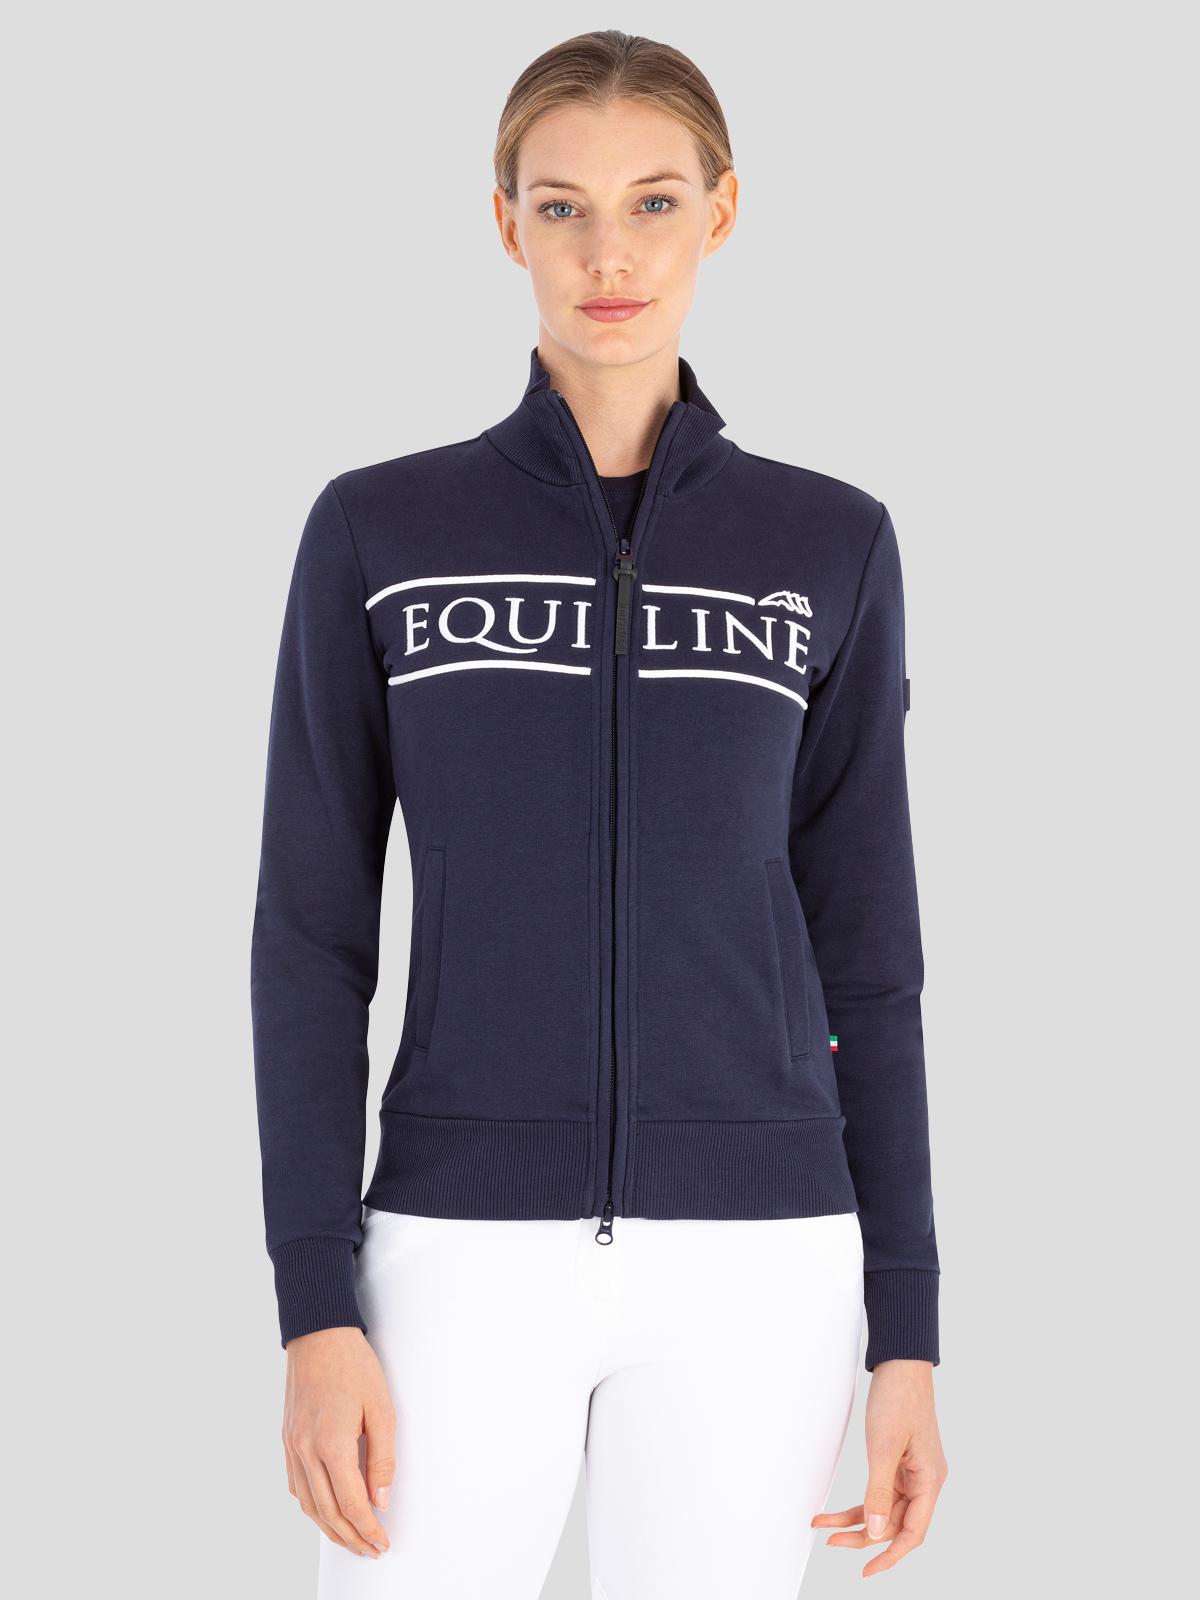 CedoraC Women's Sweatshirt with Full Zip in Blue 1